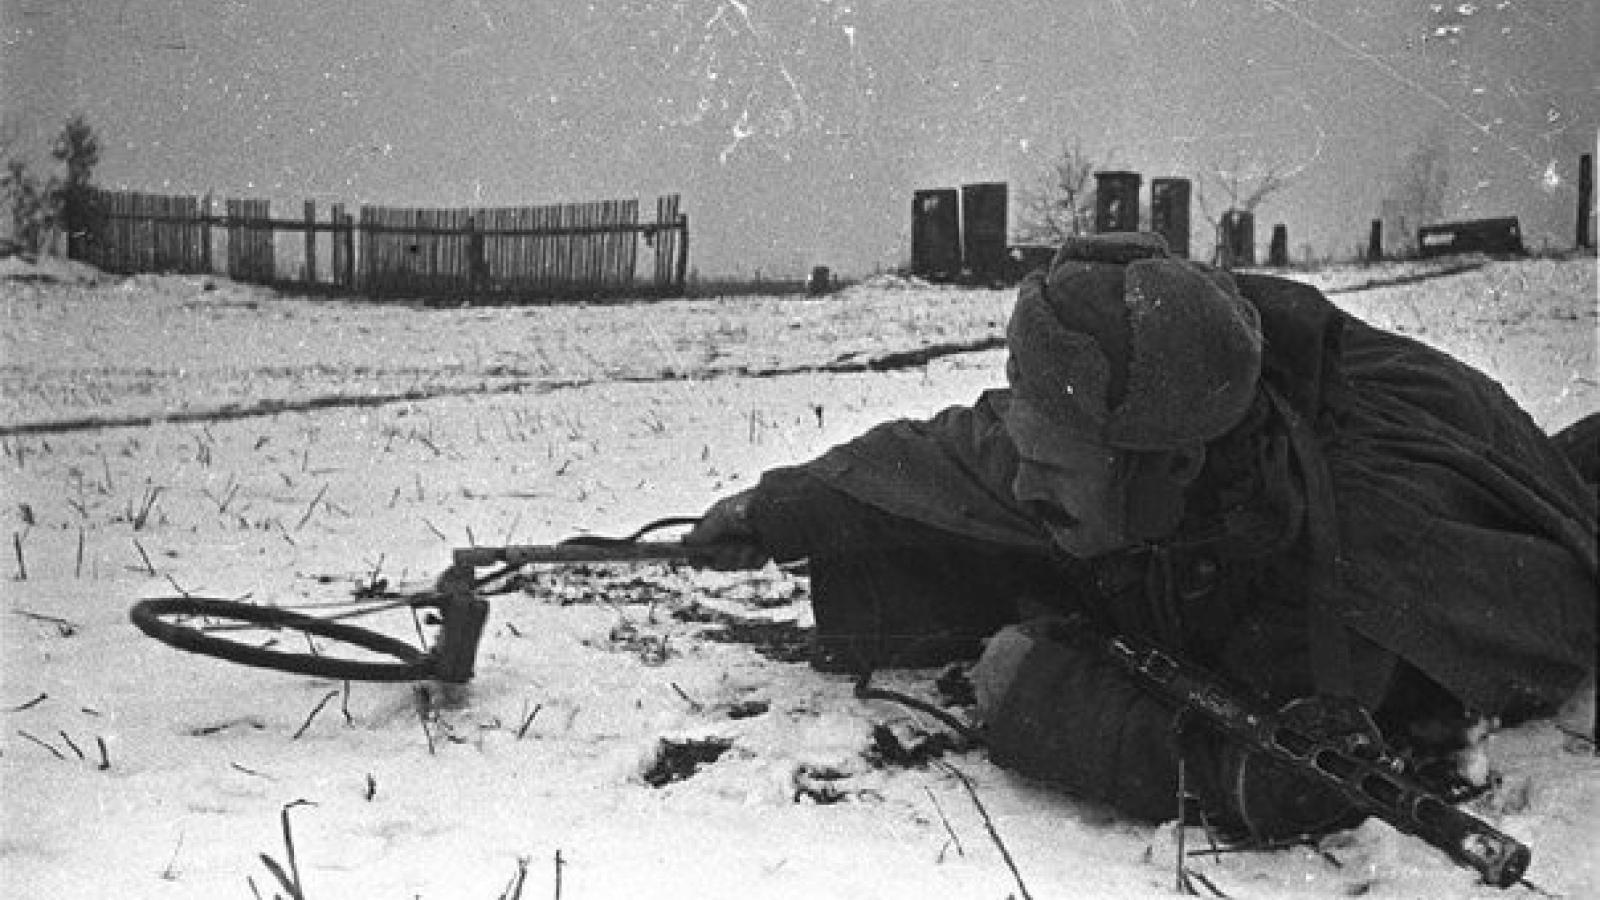 Chiến dịch đáng nói nhất của công binh Liên Xô trong Chiến tranh Vệ quốc Vĩ đại